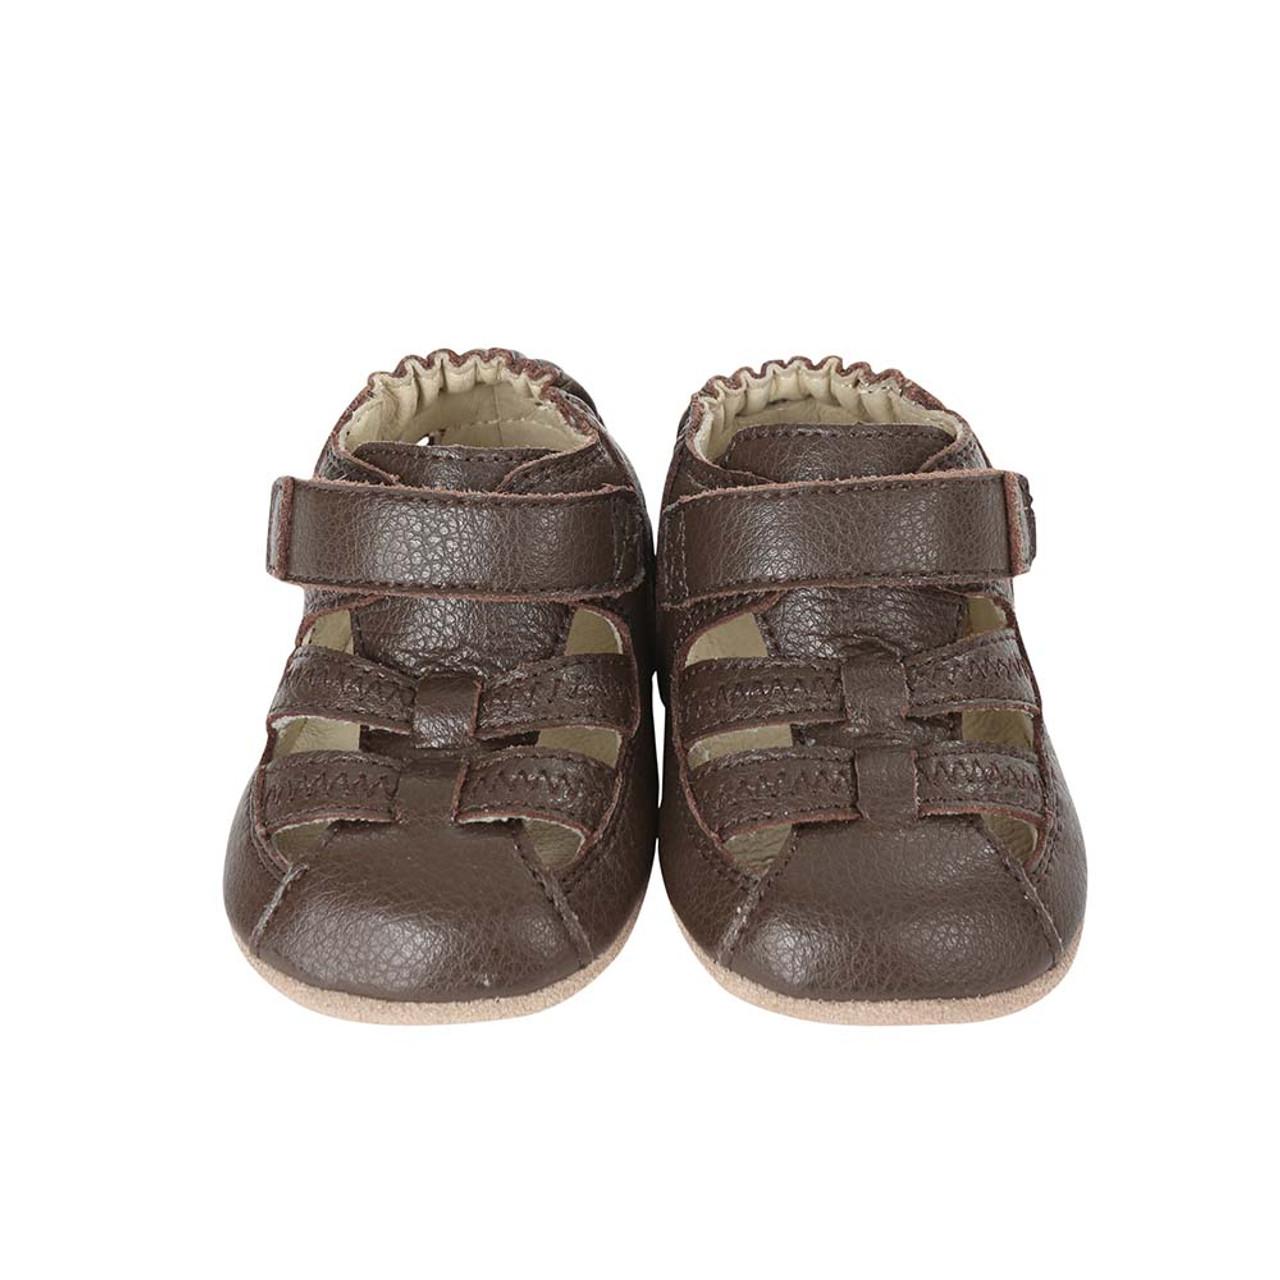 d173d340 ShoezInfantToddler ShoesSandals AndRobeez Mini Baby CBoxrde